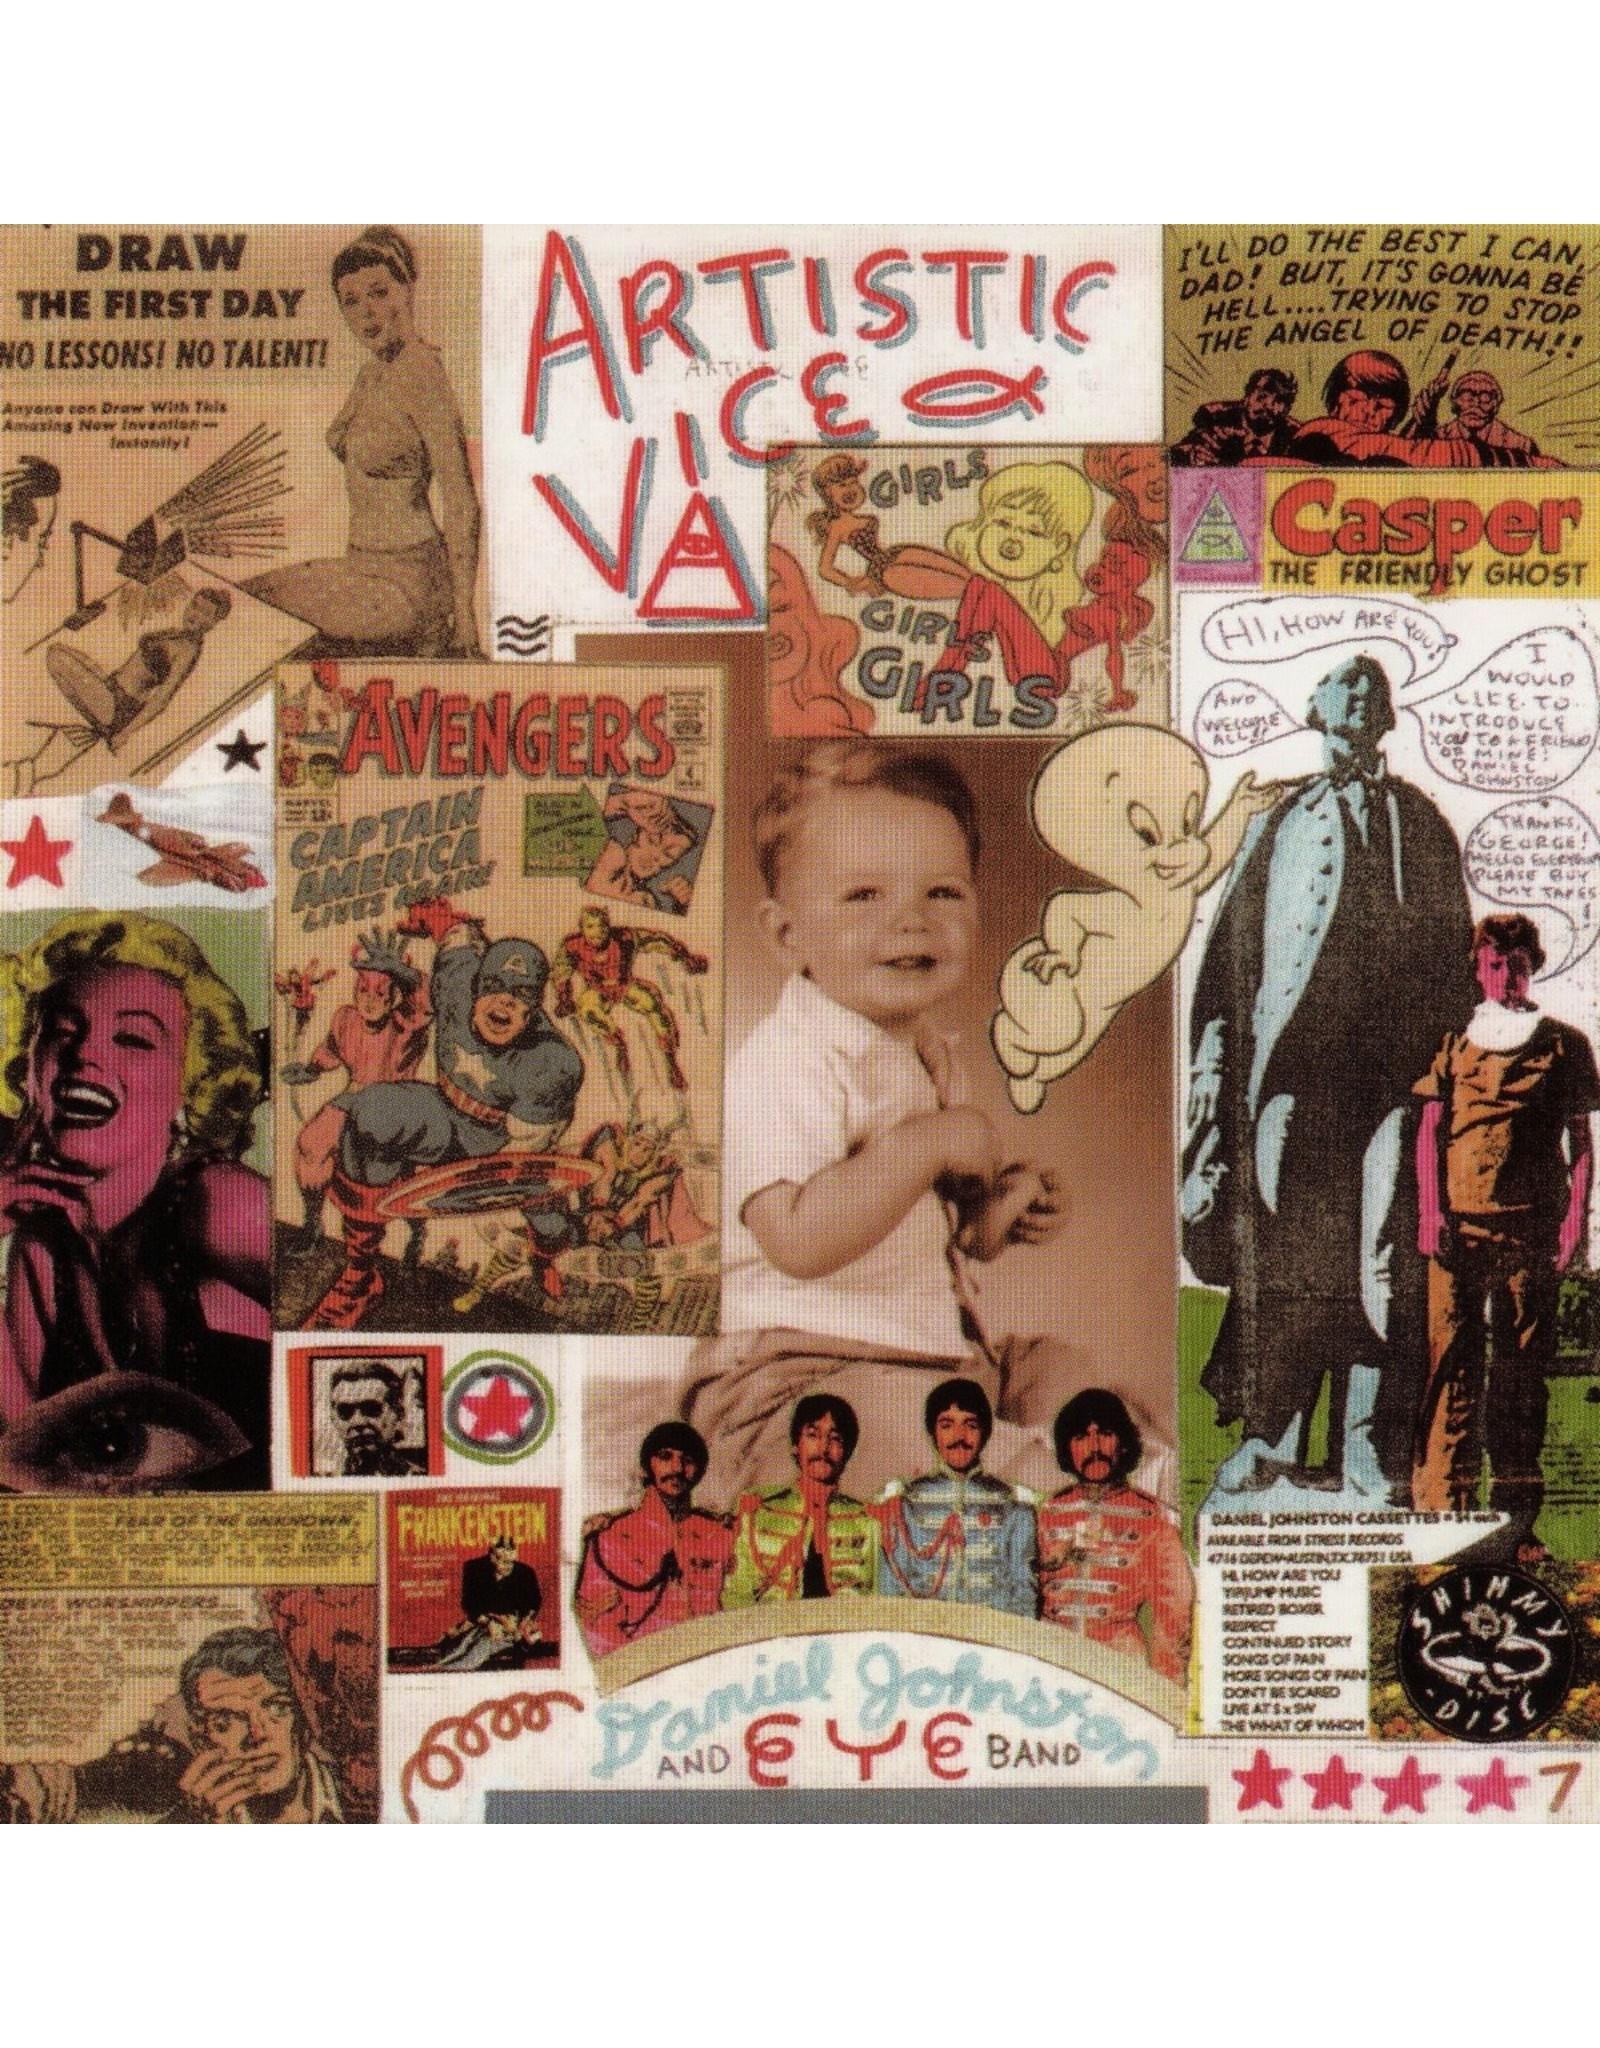 Daniel Johnston - Artistic Vice / 1990